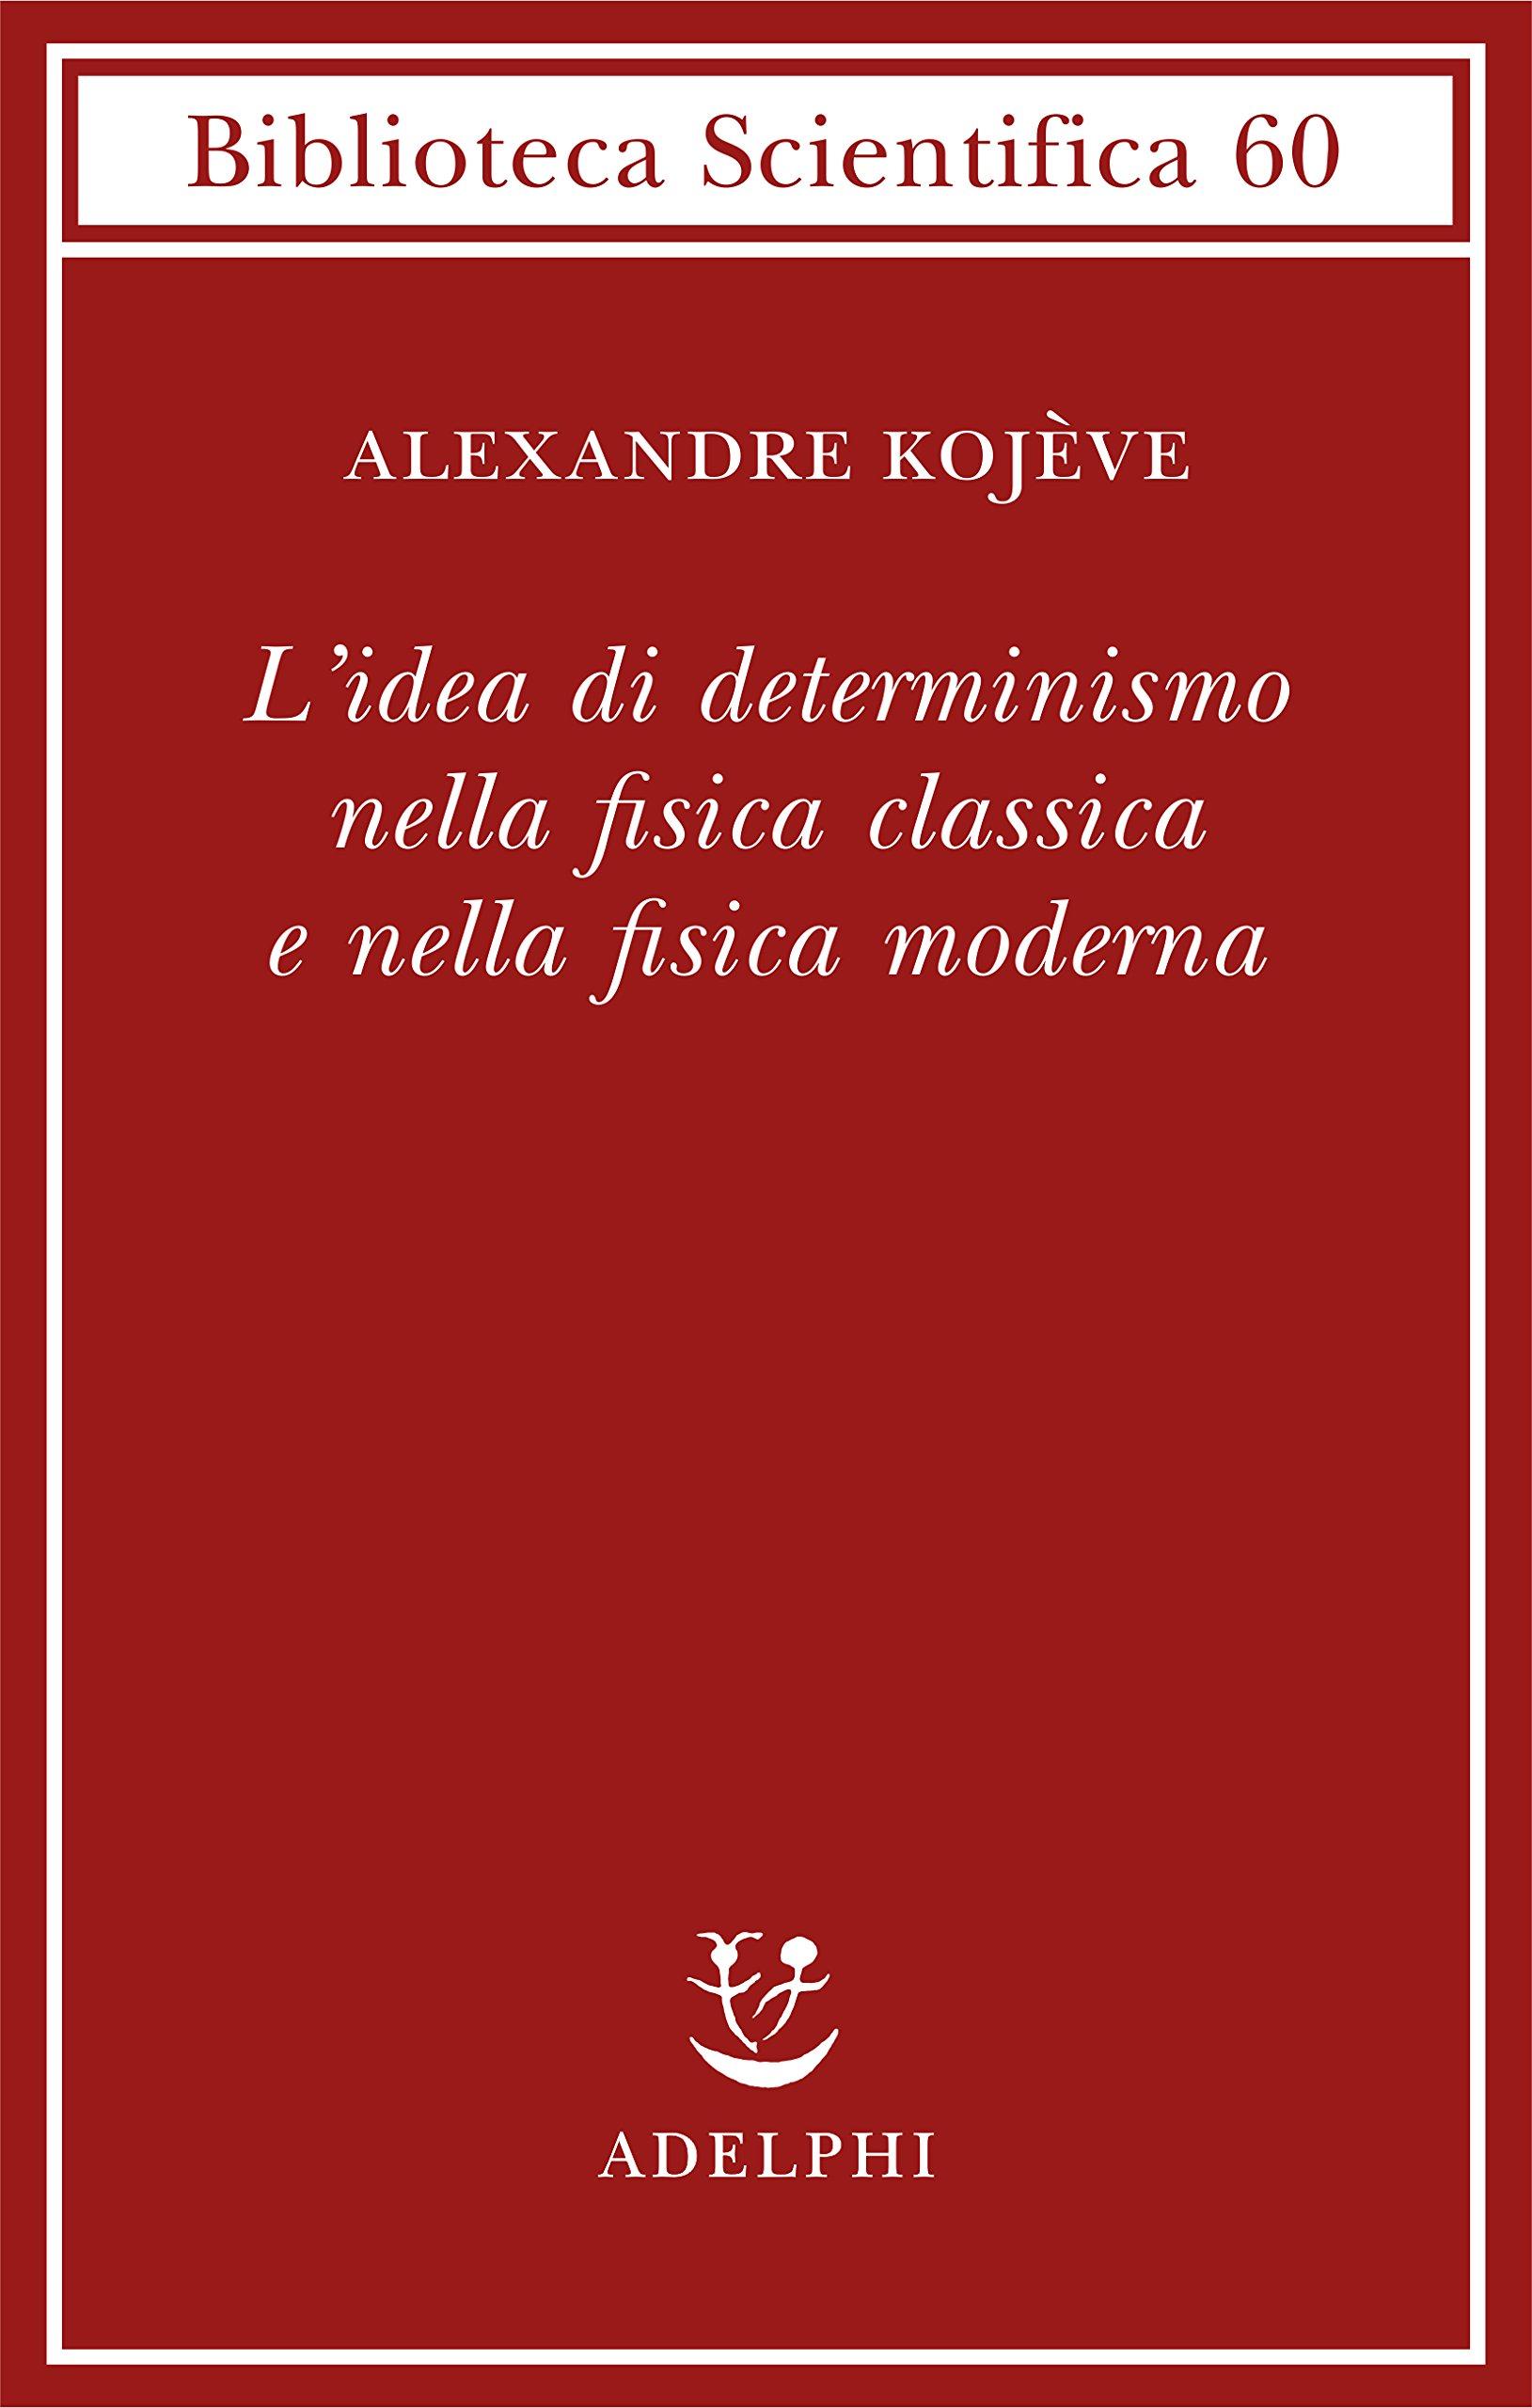 L'idea di determinismo nella fisica classica e nella fisica moderna Copertina flessibile – 19 giu 2018 Alexandre Kojève M. Sellitto S. Moreno Adelphi